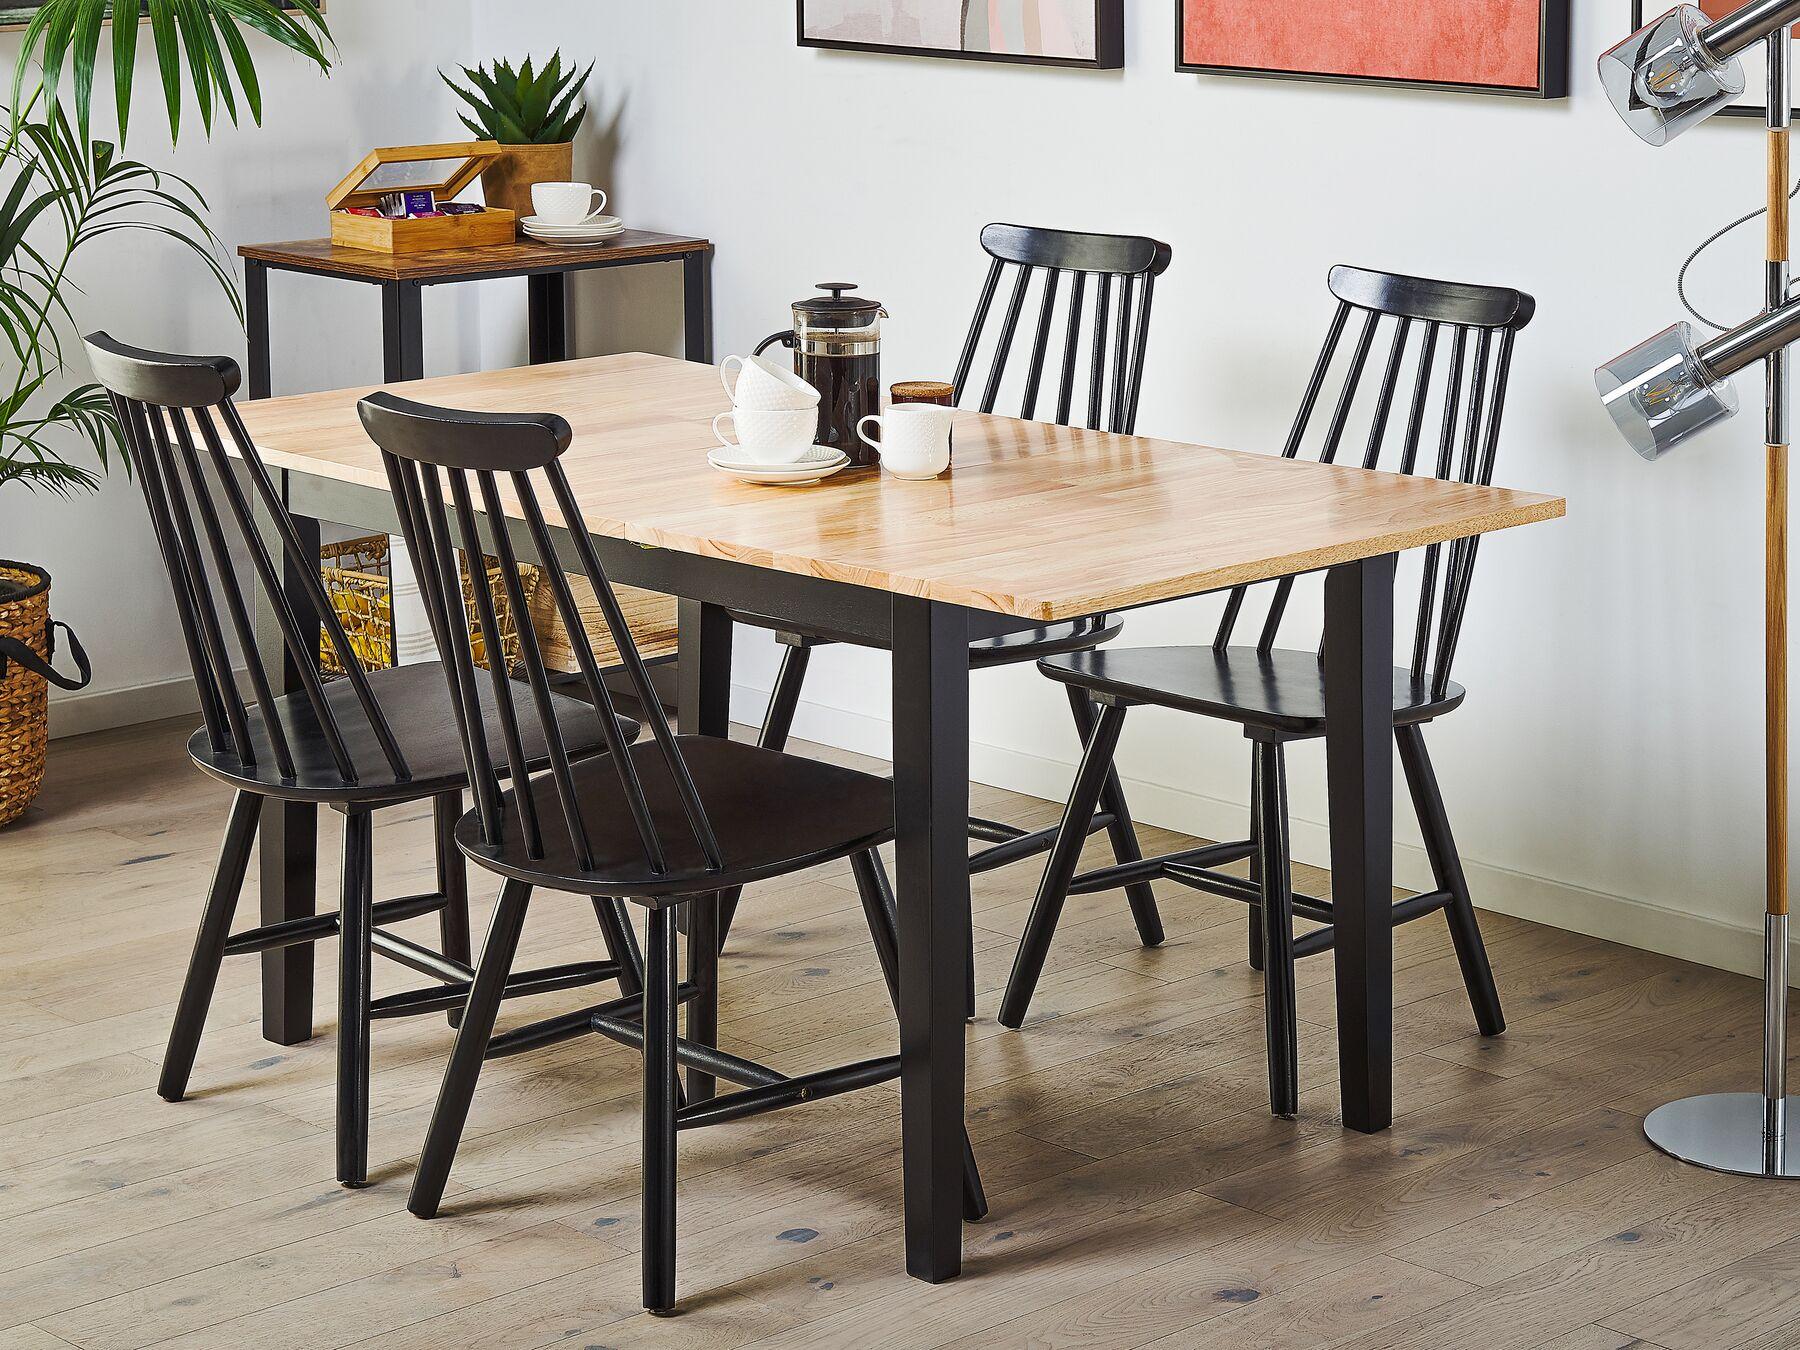 Tavolo da pranzo allungabile in legno chiaro e nero 120 ...